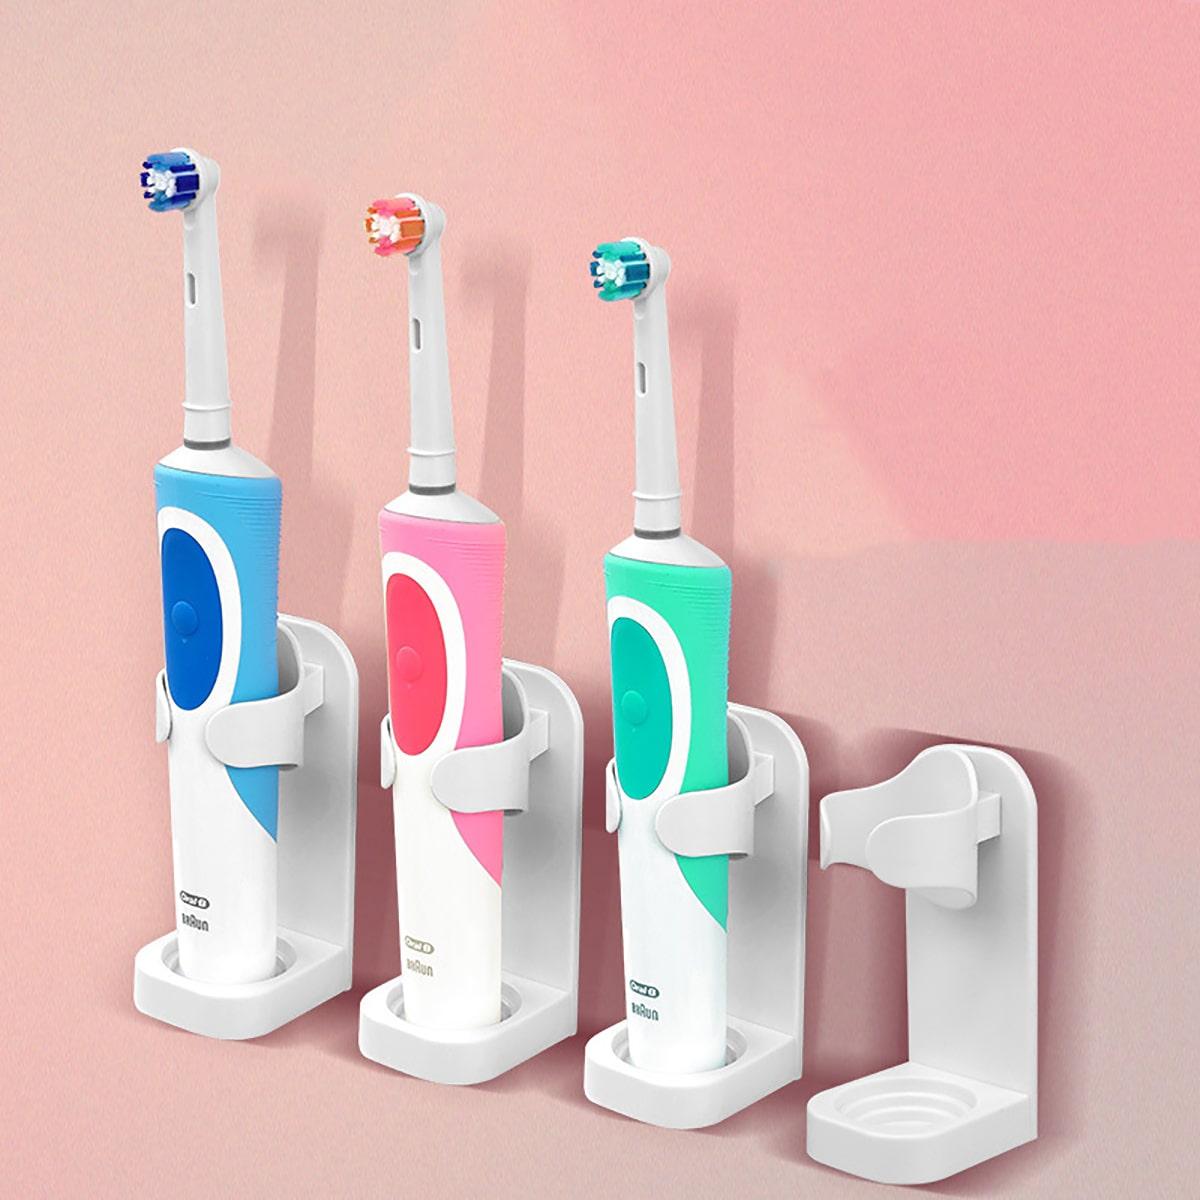 1шт Стеллаж для хранения электрических зубных щеток SHEIN, арт. shbath18200414937, цена 150 р., фото и отзывы